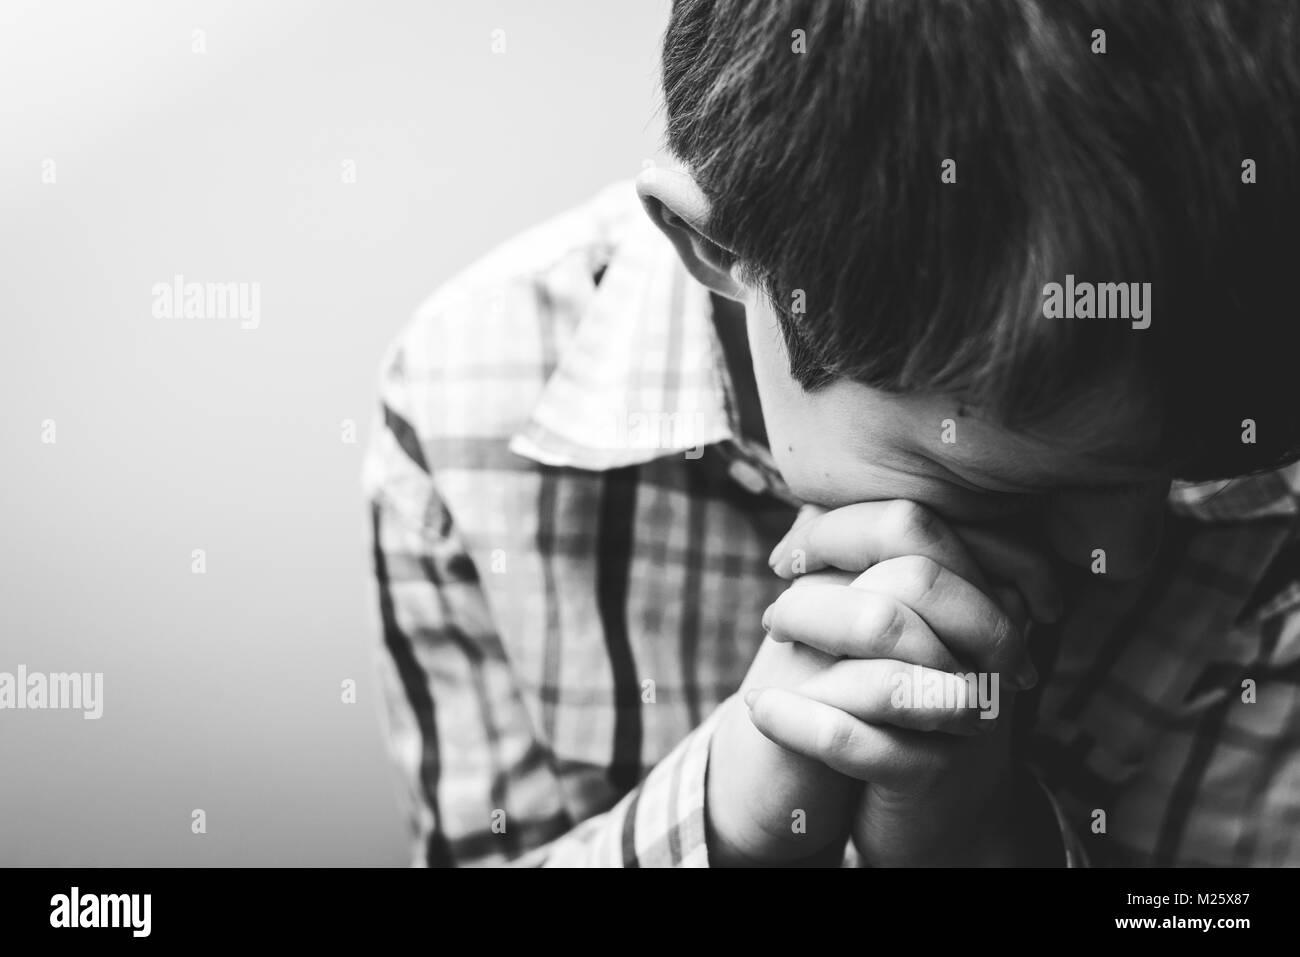 Un muchacho con su cabeza inclinada en oración. Imagen De Stock